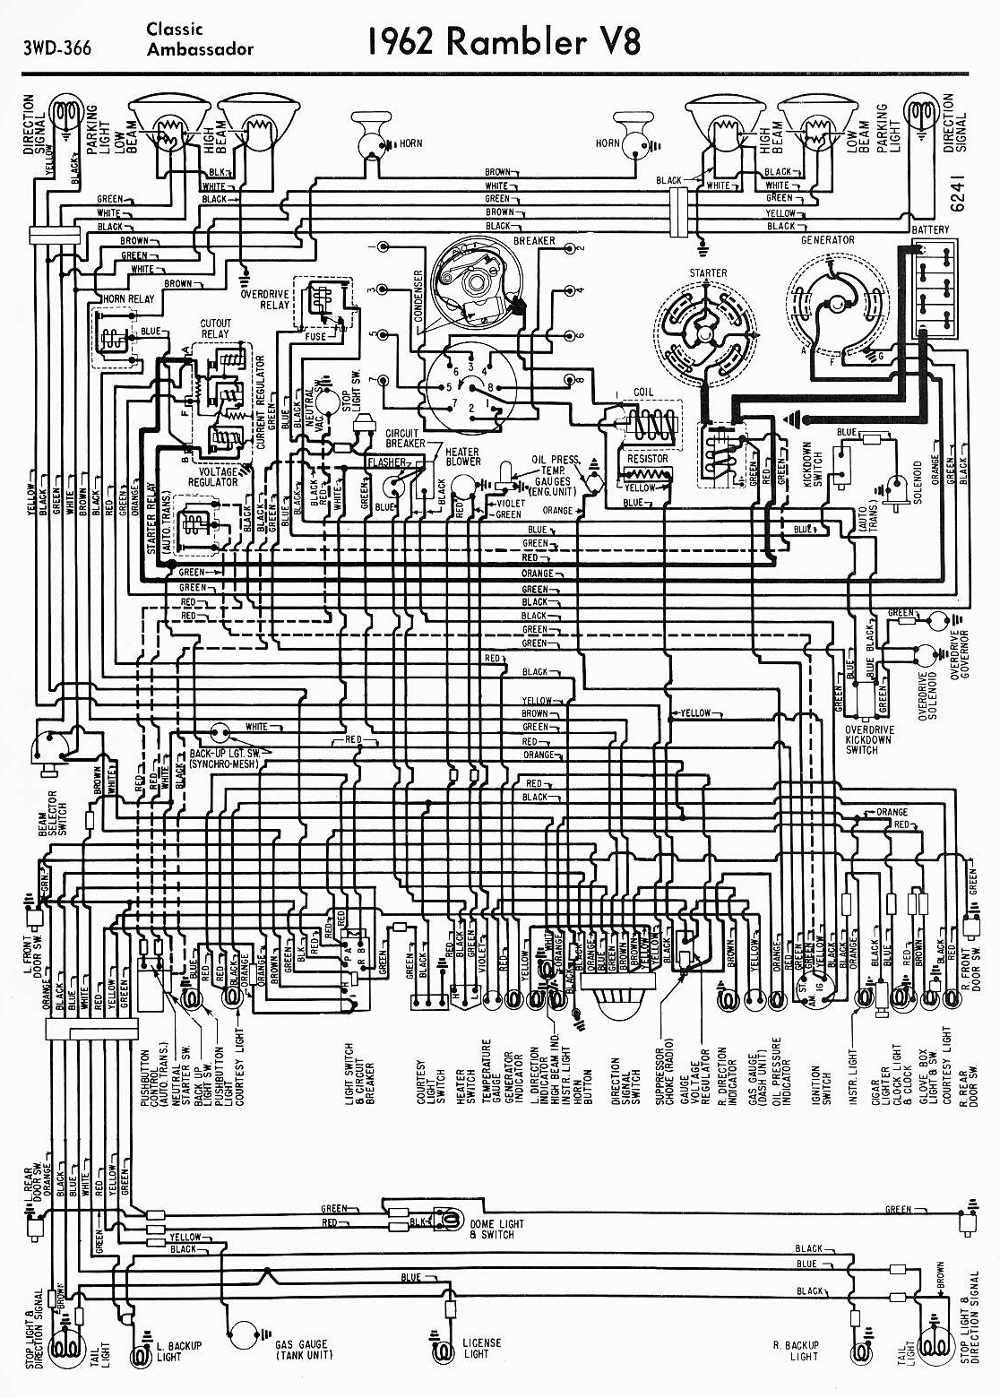 amc car manuals wiring diagrams pdf fault codes 1973 amc ambassador 1973 amc wiring diagram [ 1000 x 1398 Pixel ]